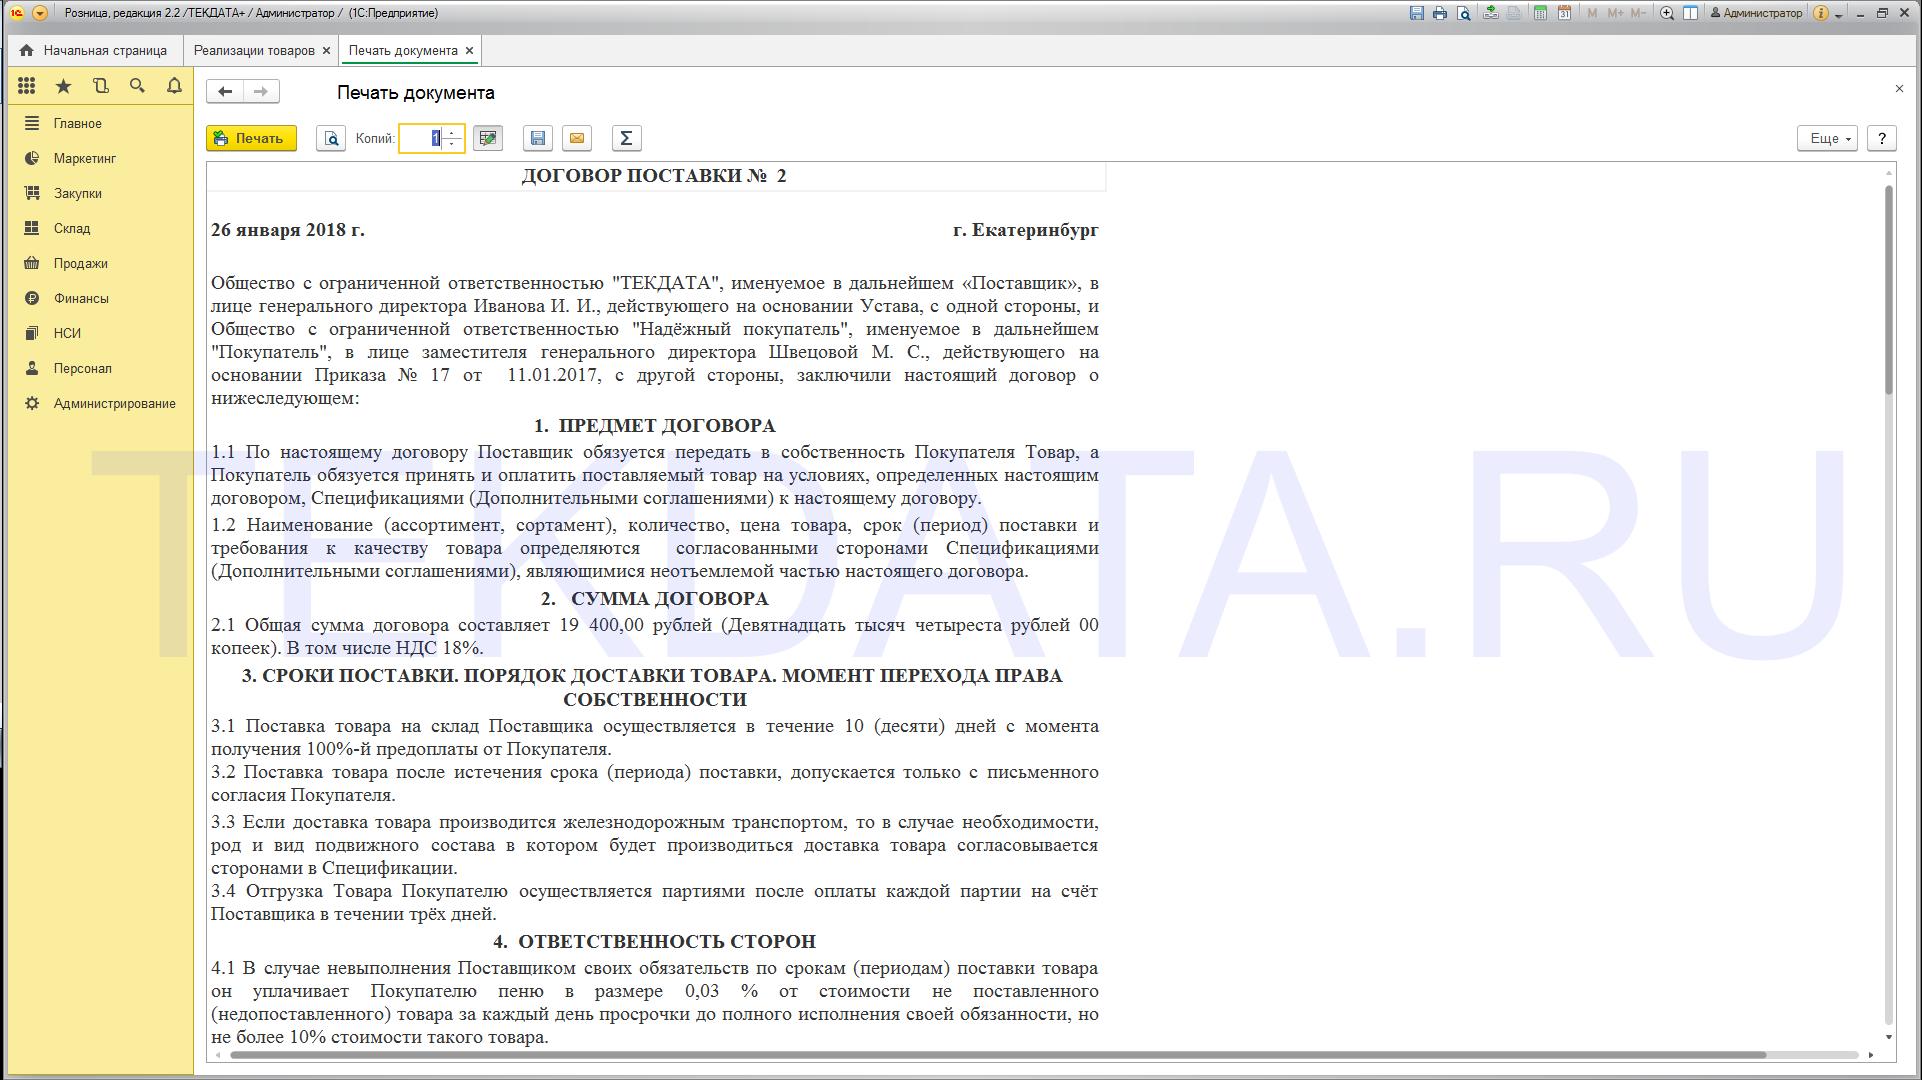 Универсальная печатная форма договора для 1С: Розница 2.2